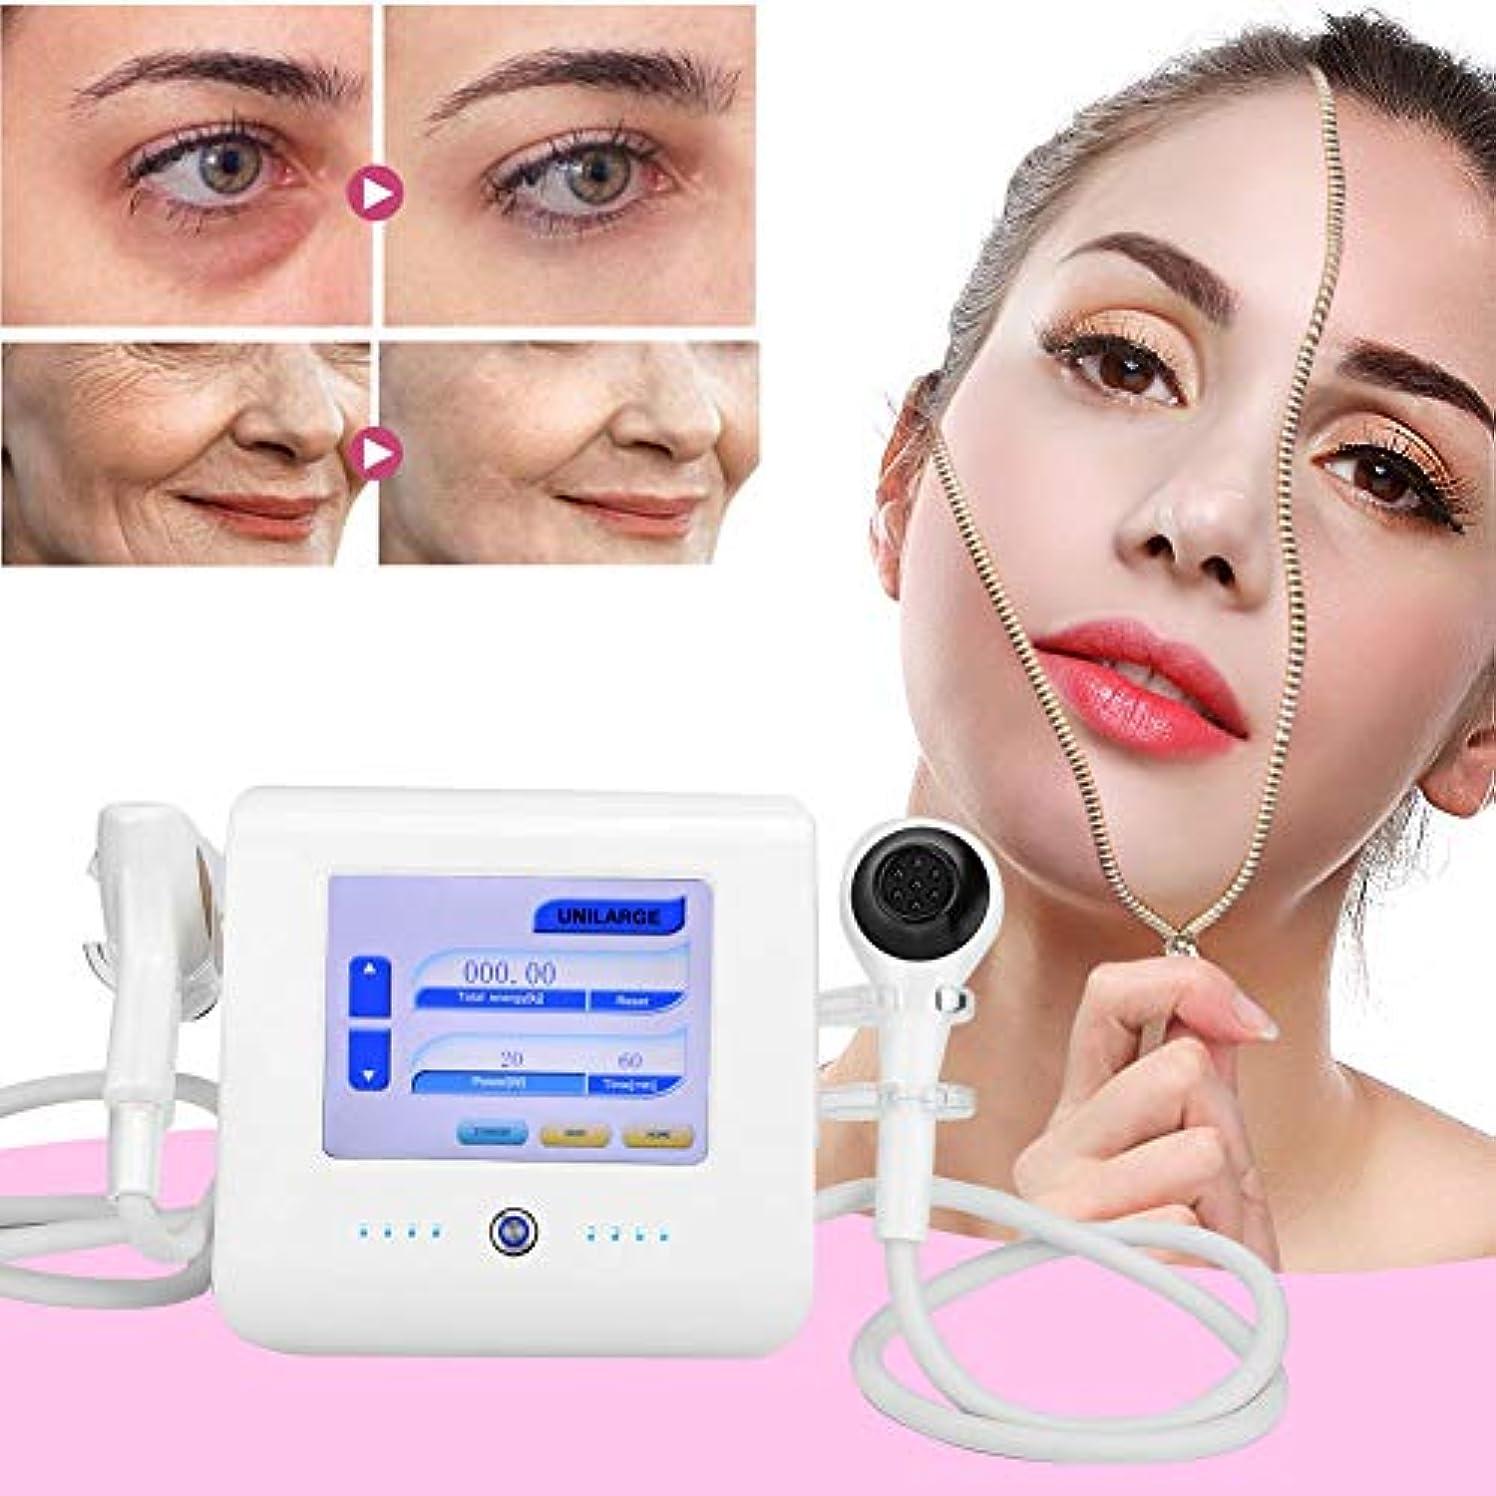 愛情五十生き返らせるRFの無線周波数の顔の皮のきつく締まる機械、専門の皮の若返りの熱い持ち上がる療法の反老化のスキンケアのしわは美機械装置を取除きます(US)